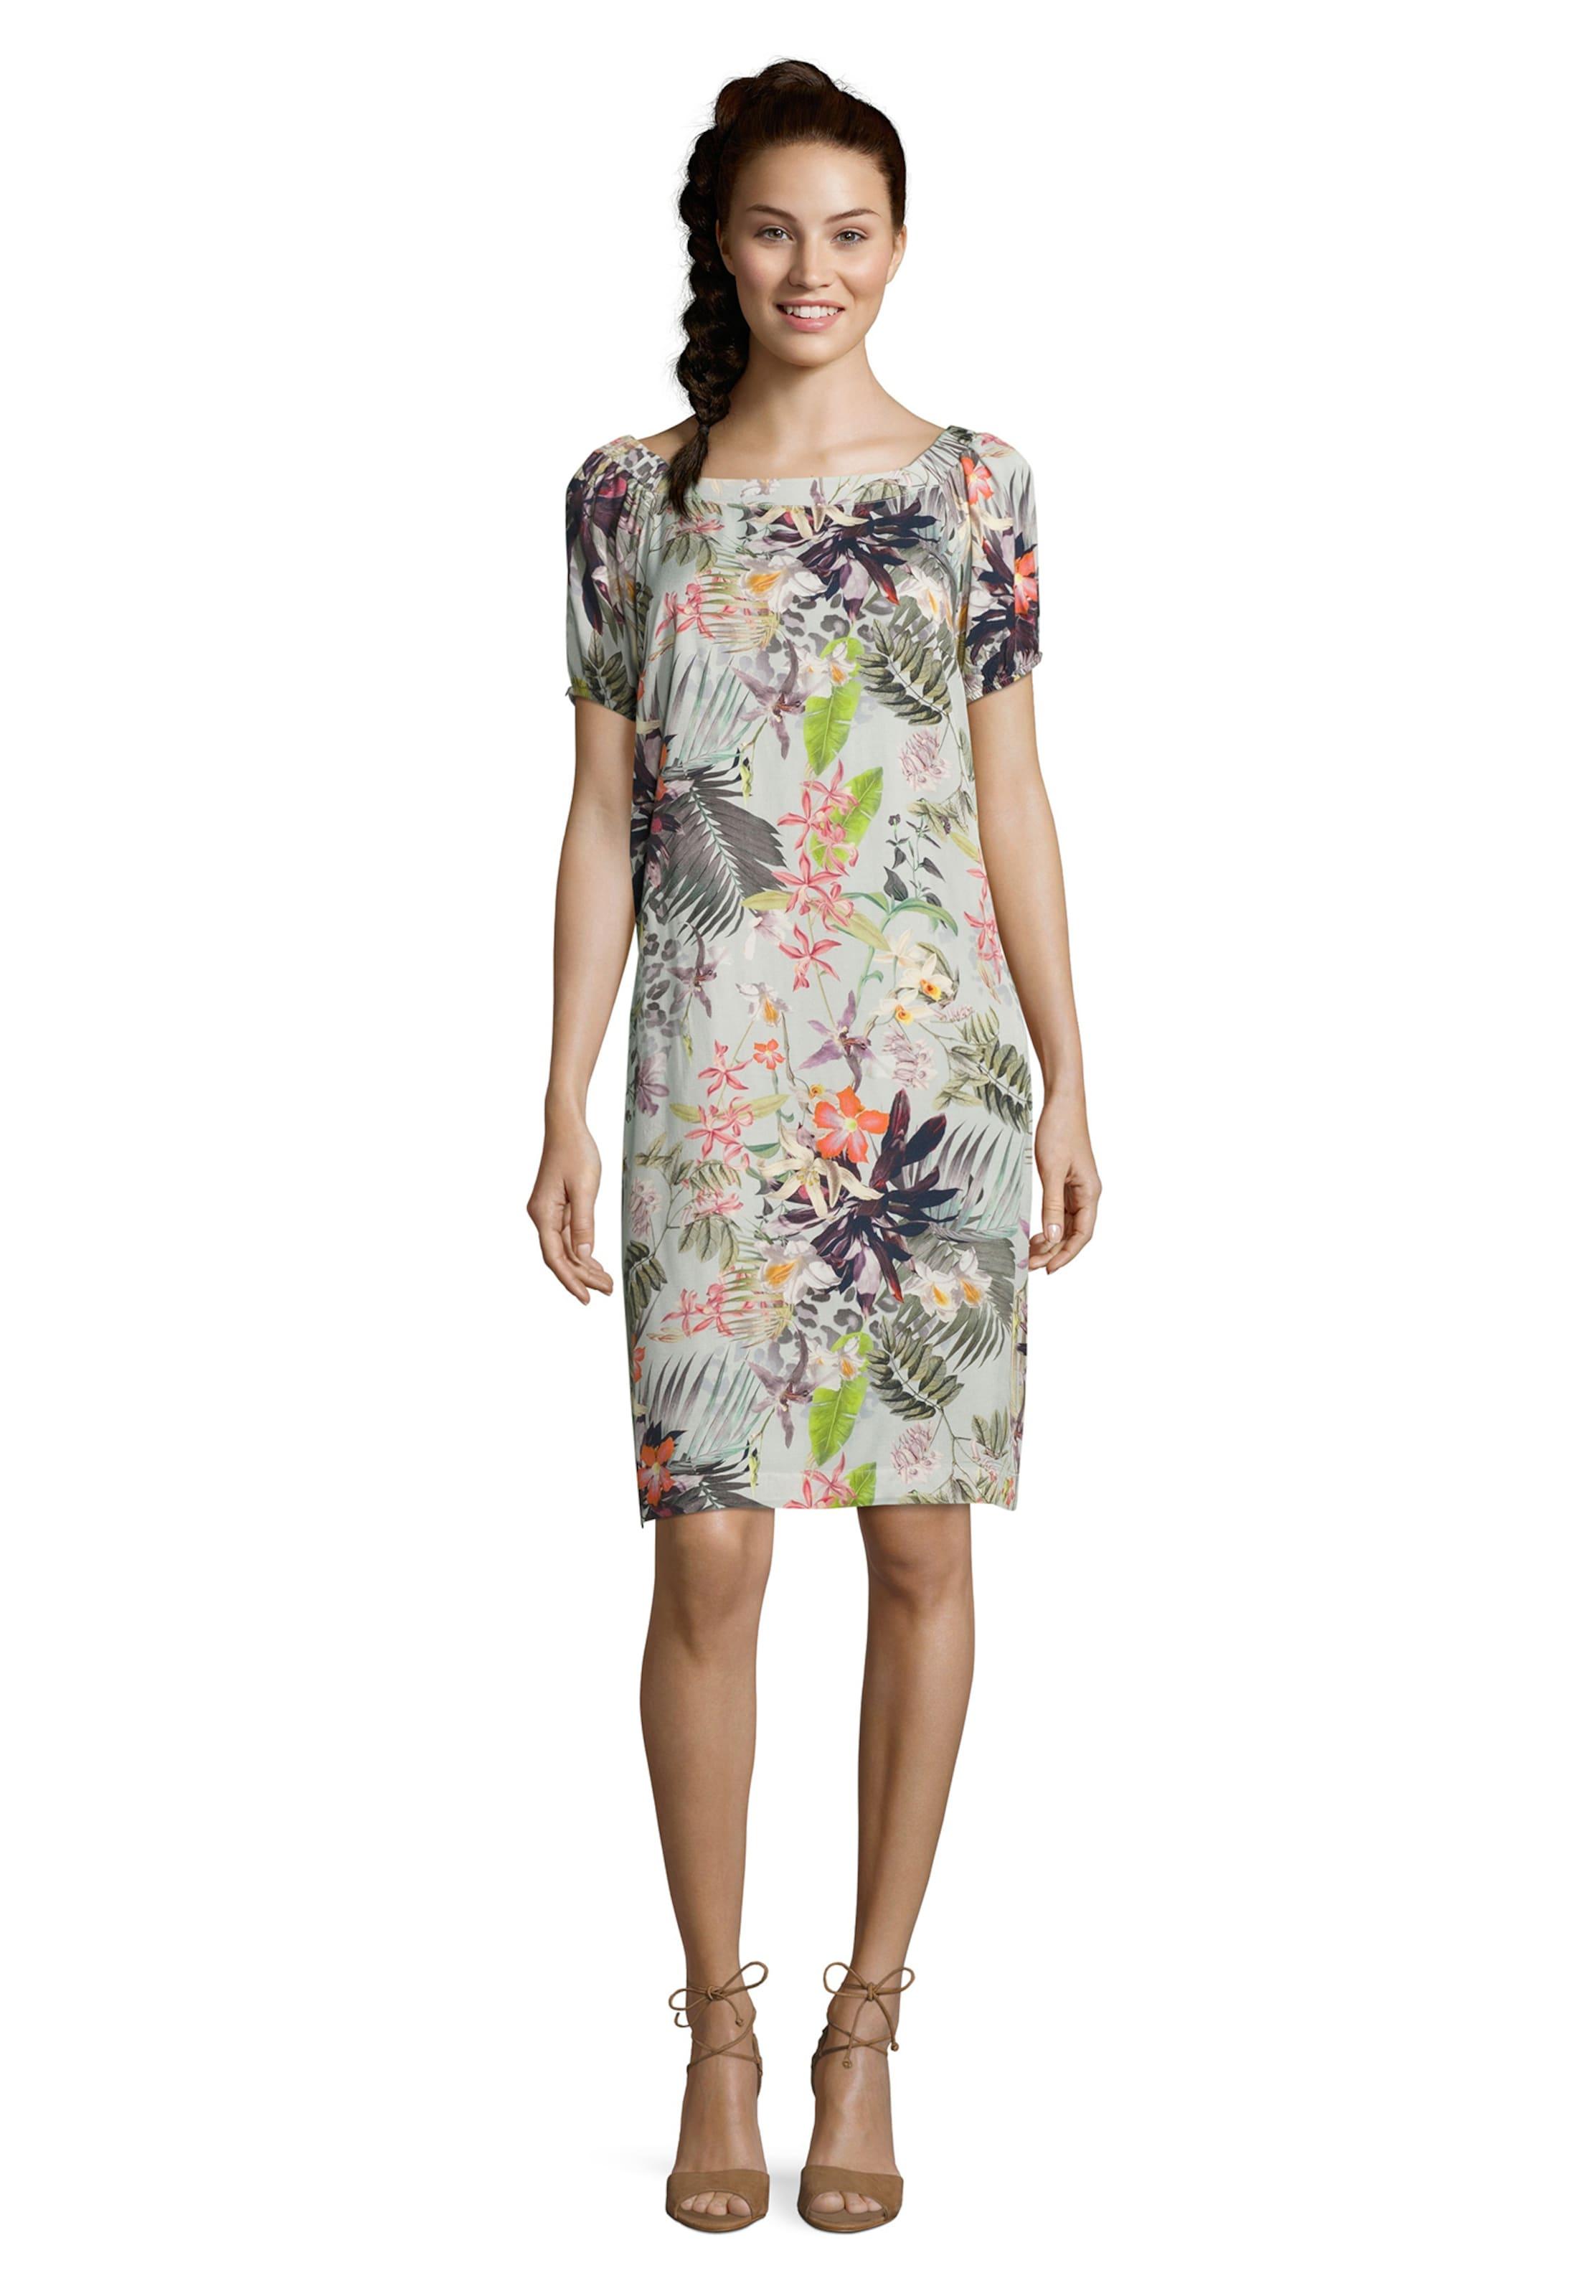 Kleid Co OpalMischfarben Kleid Bettyamp; In Co Bettyamp; In 8ynOm0wvNP